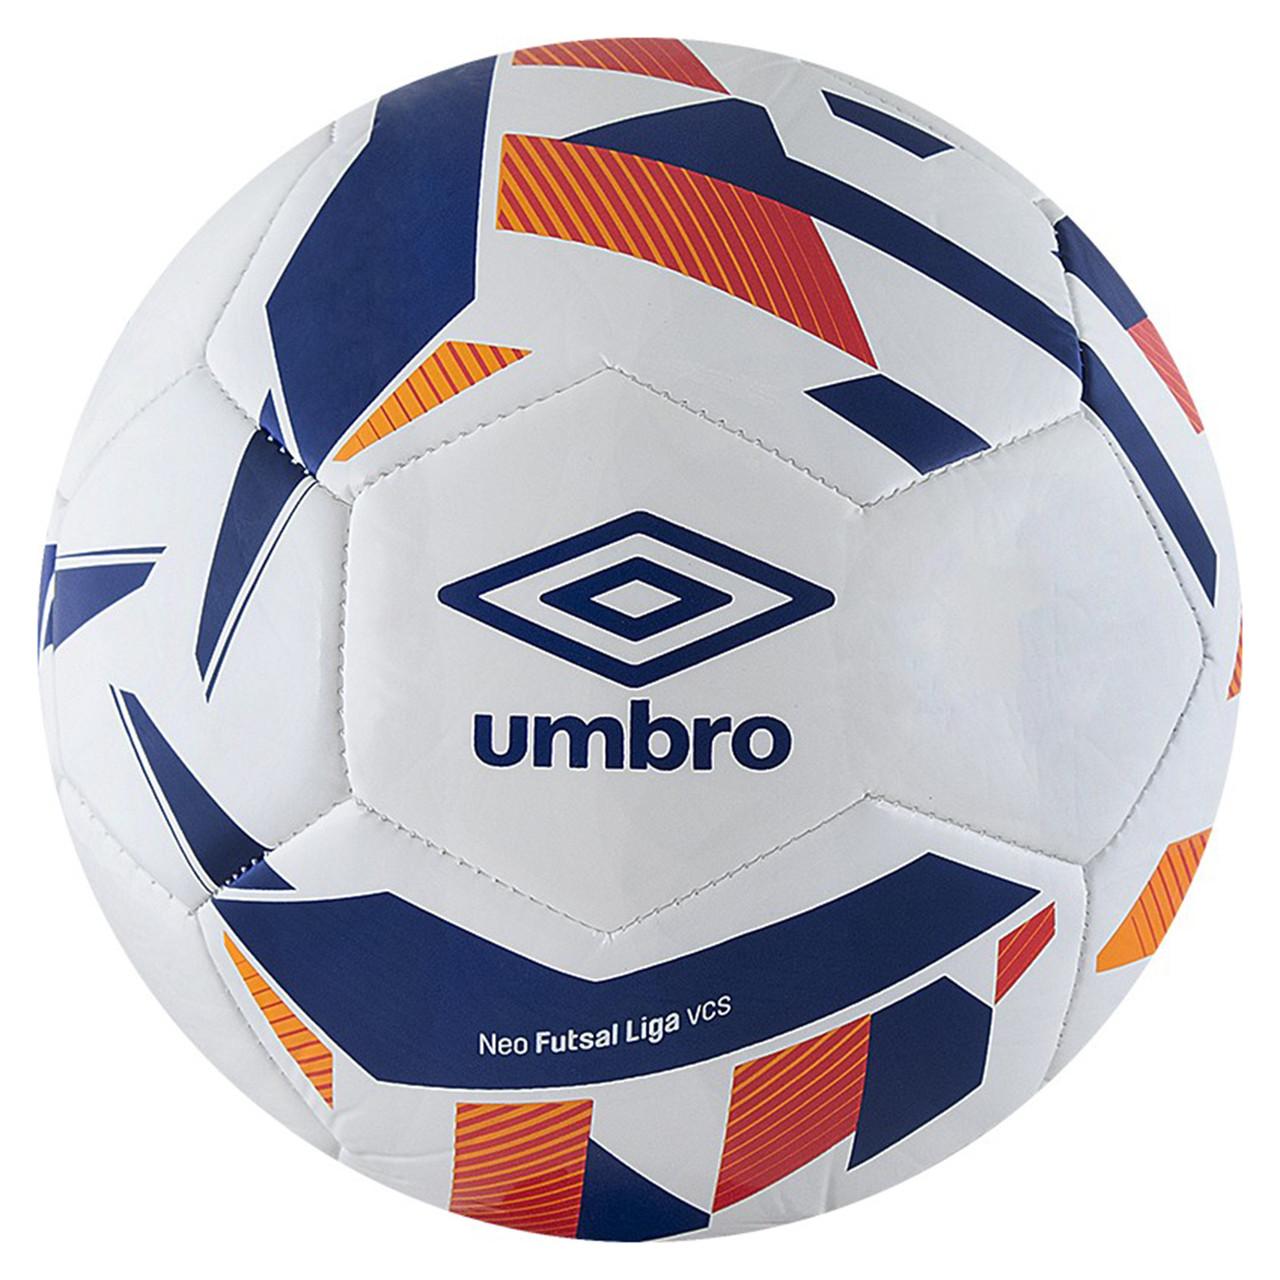 Мяч минифутбольный NEO FUTSAL LIGA, 20946U-FZM бел/син/оранж/крас, размер 4